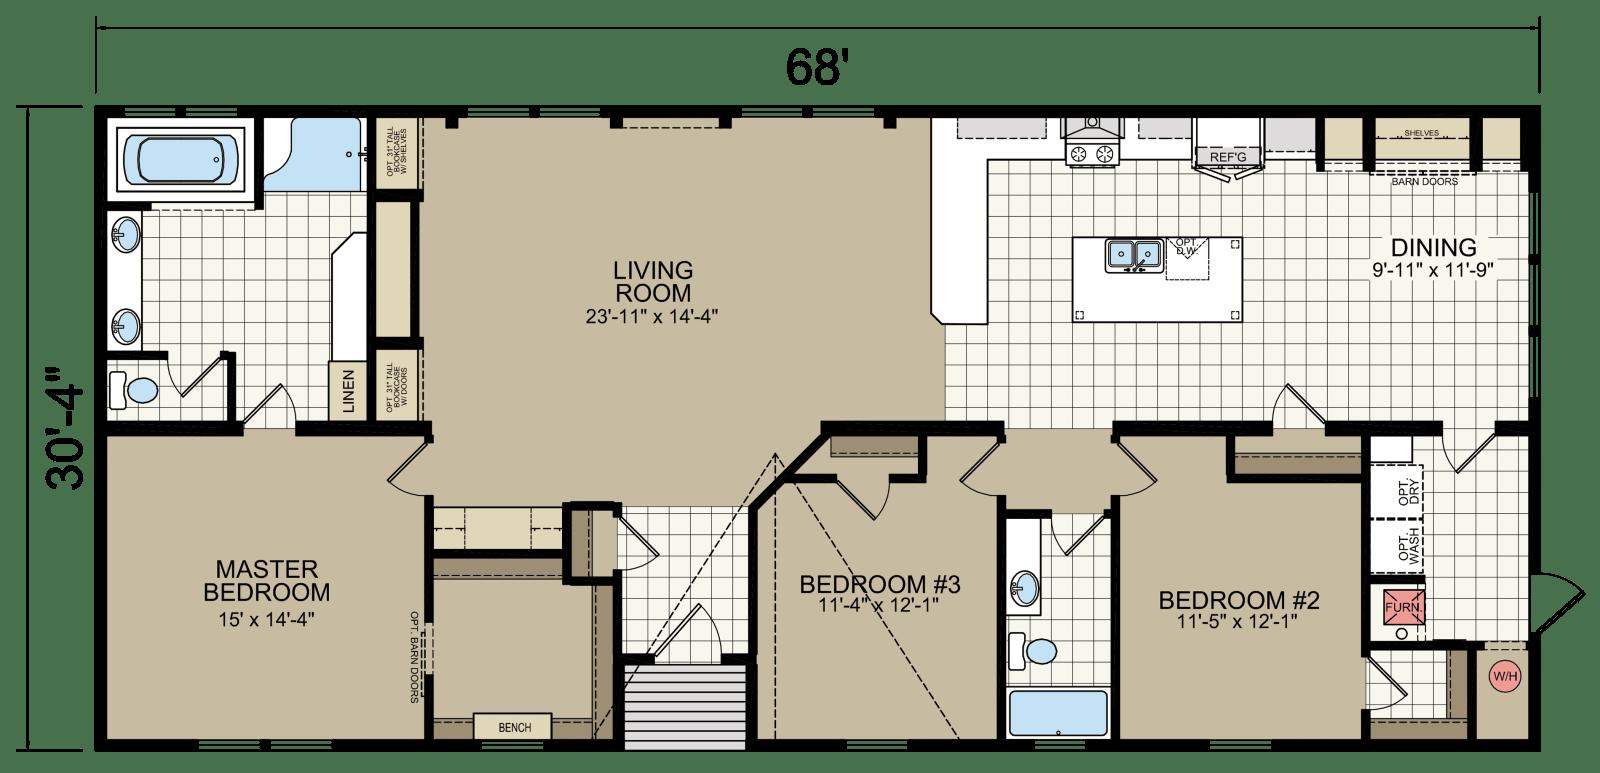 Ridgecrest Le 6010 Champion Homes Champion Homes In 2020 Ridgecrest Mobile Home Floor Plans House Plans